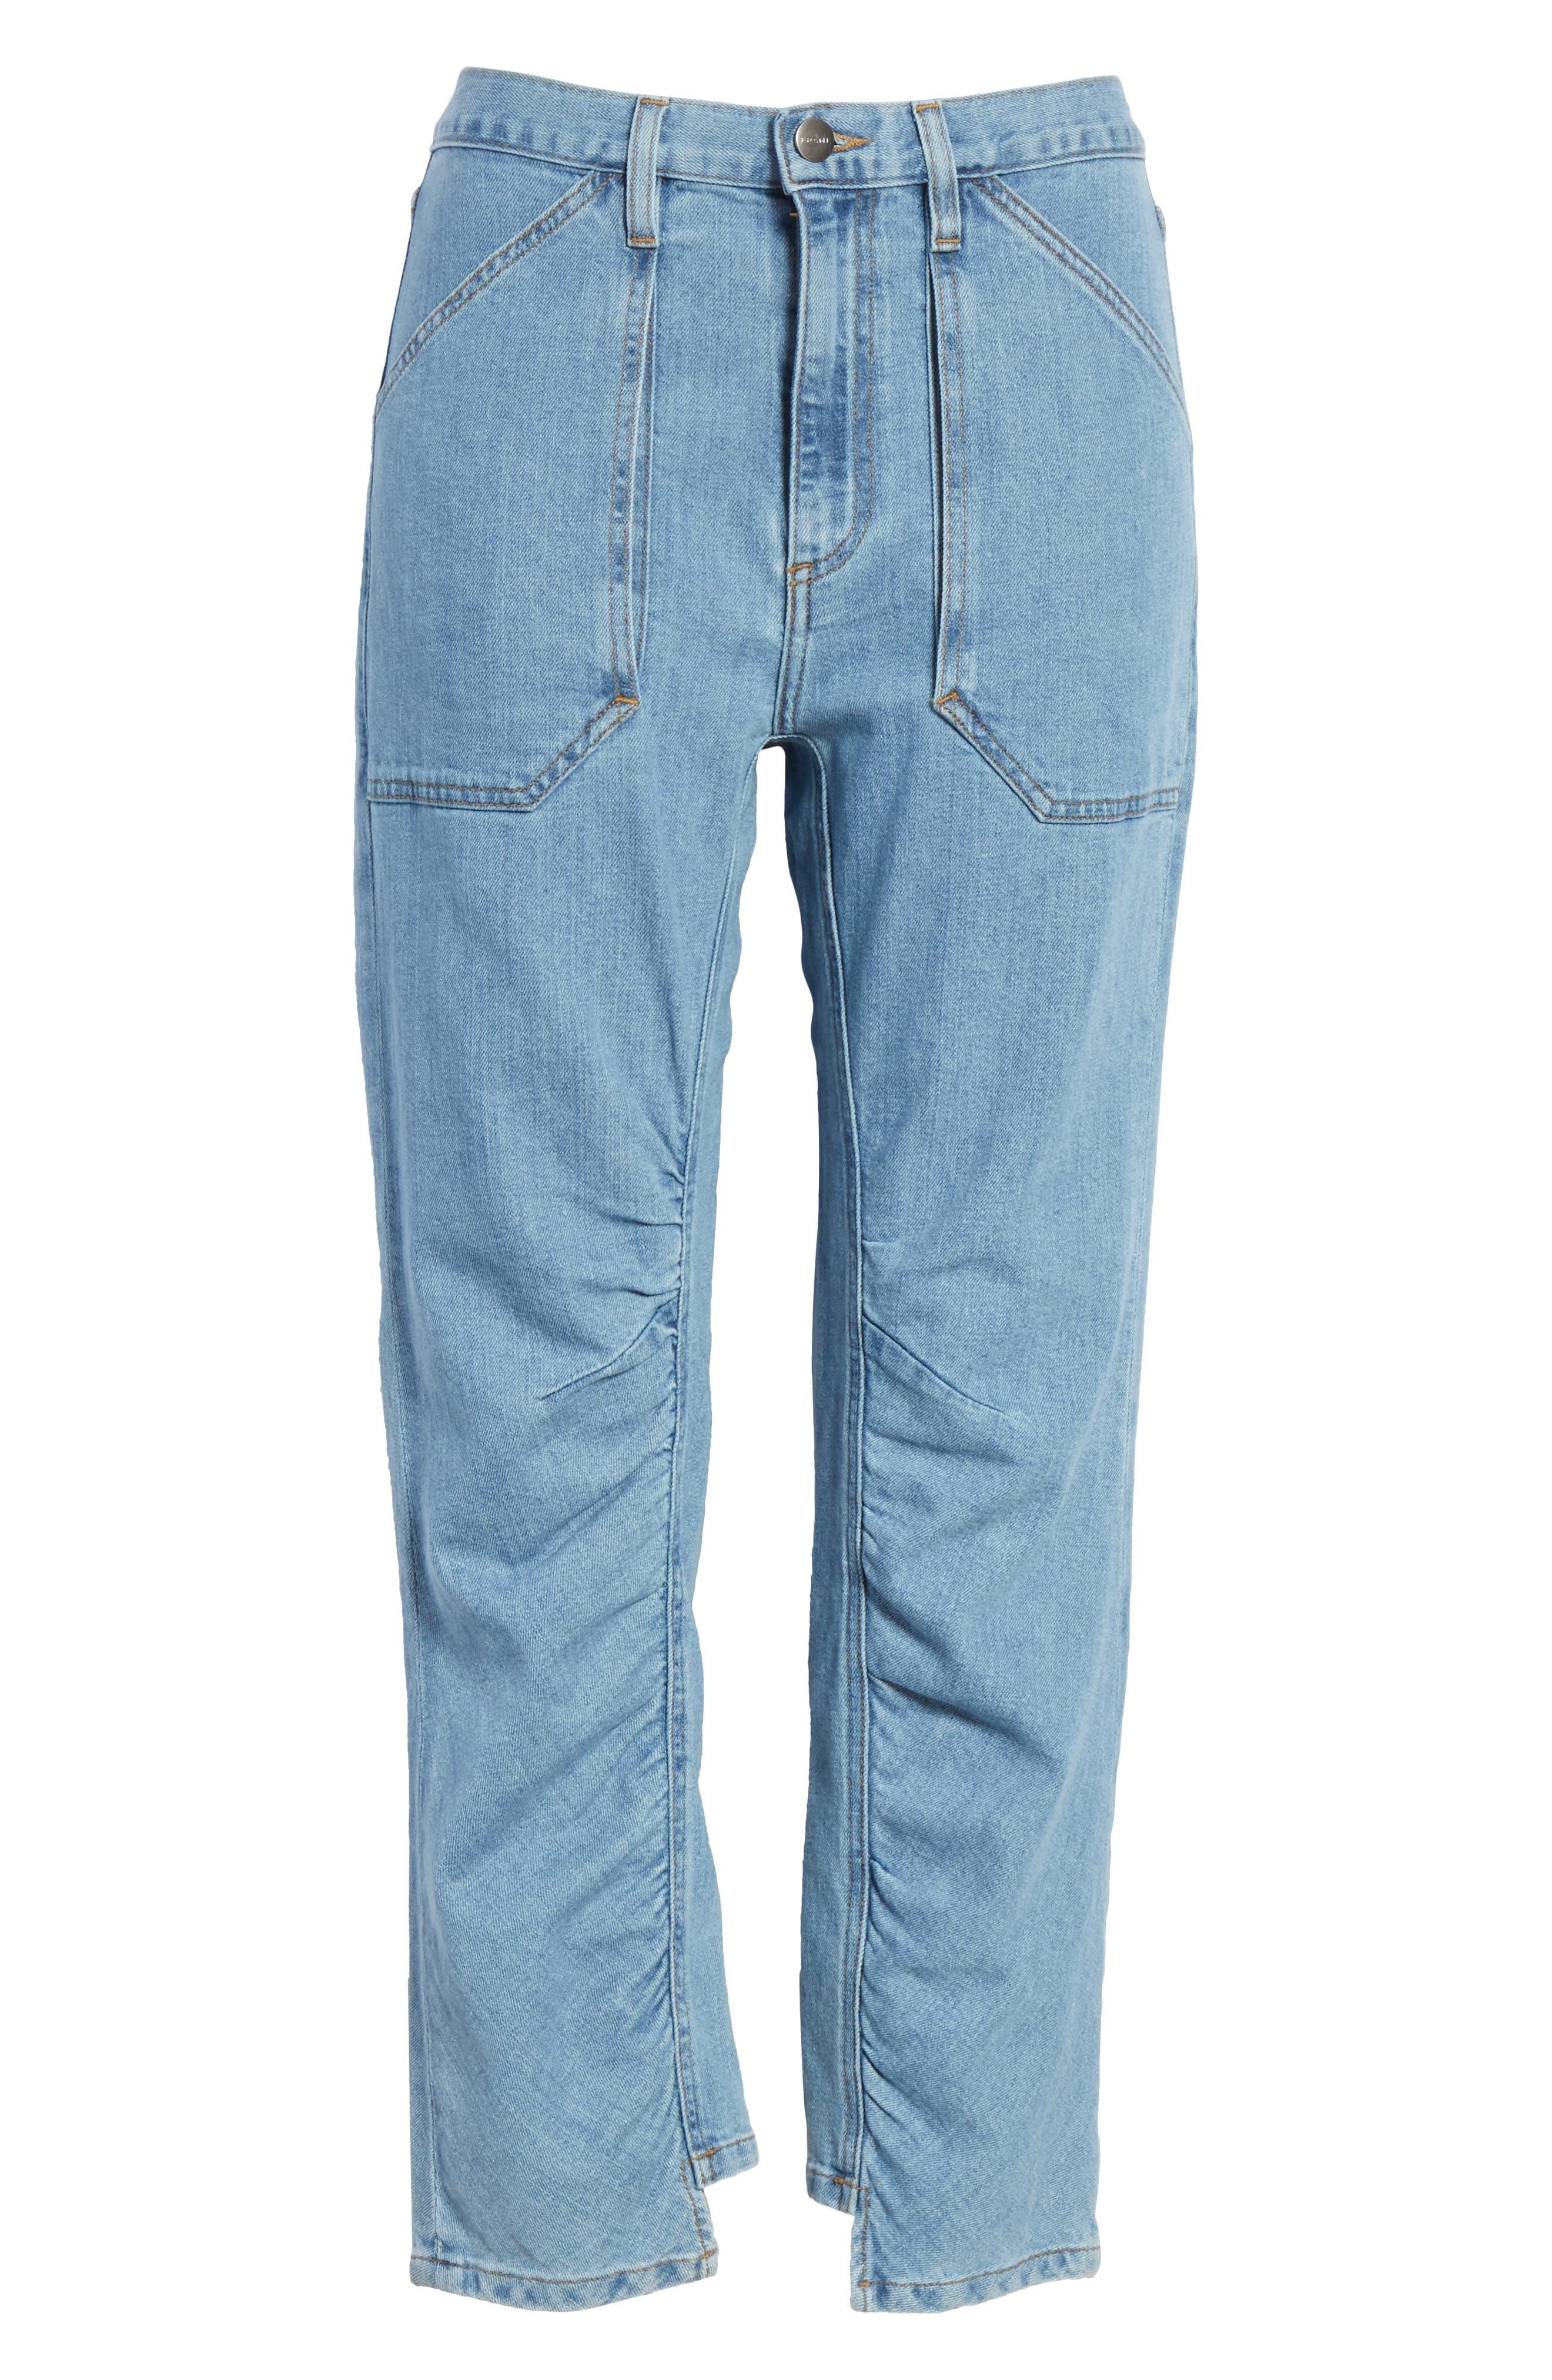 Le Ruche Crop Jeans,                             Alternate thumbnail 6, color,                             421